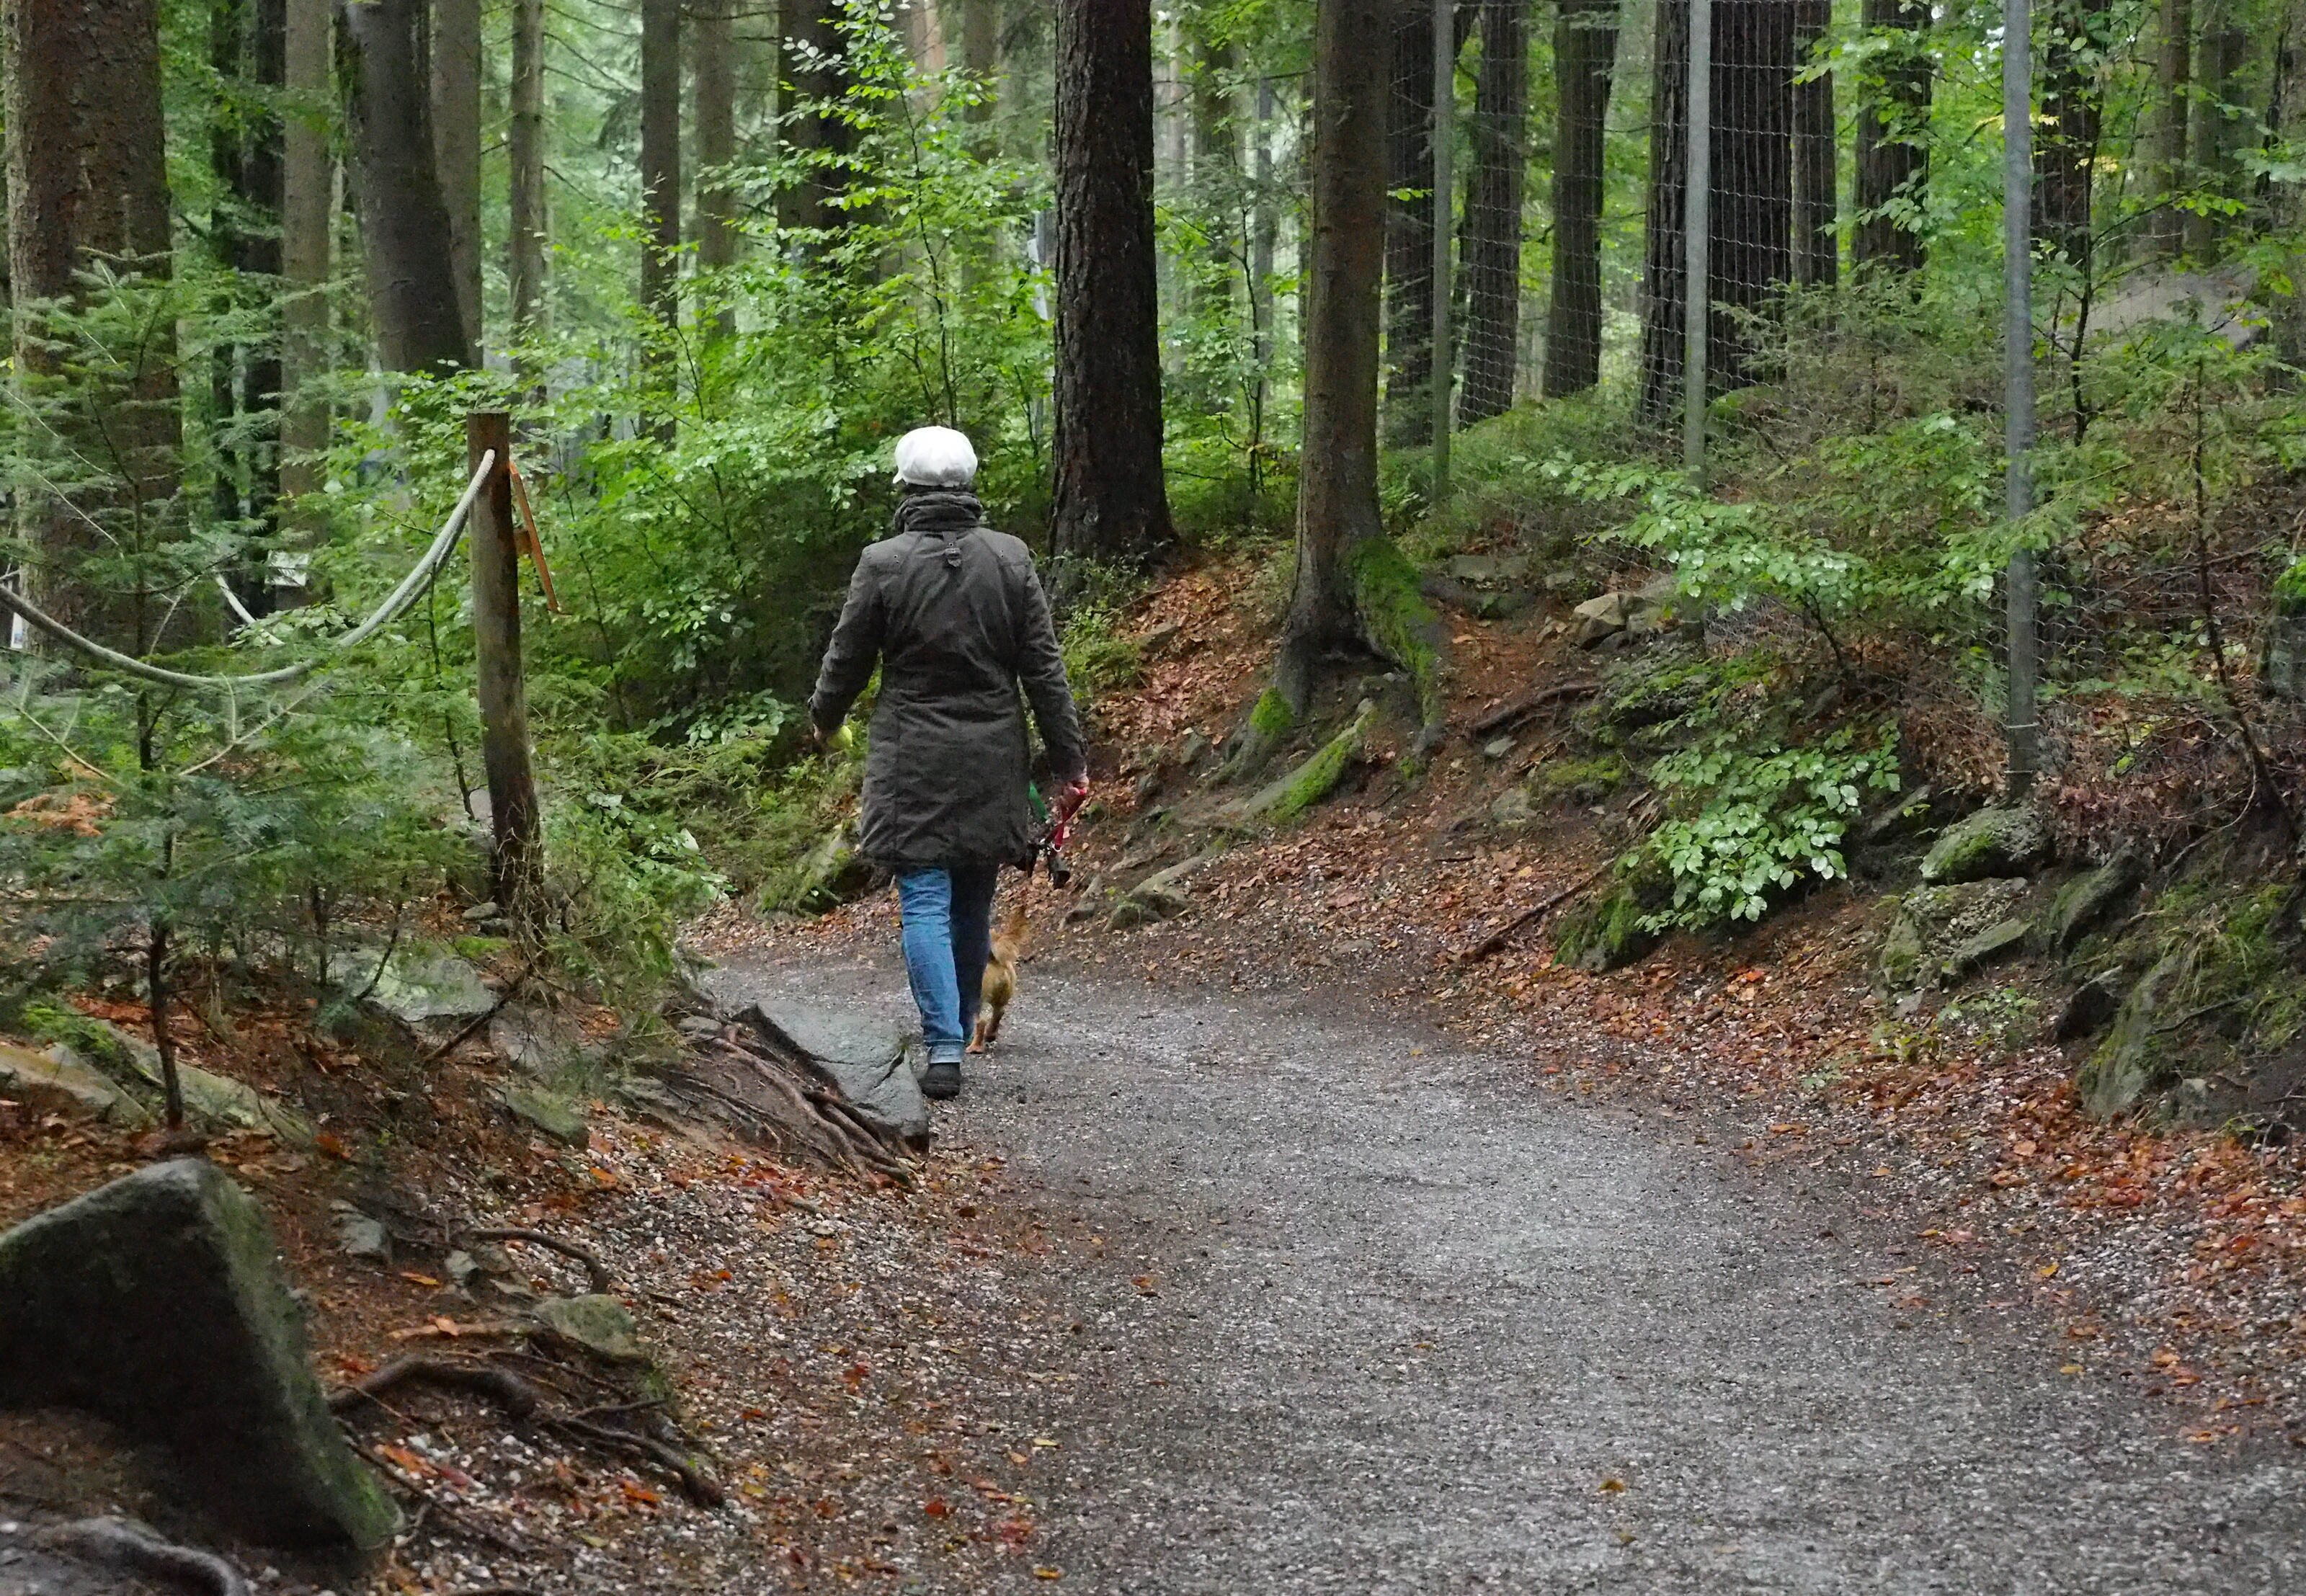 Am Besucherweg im BÄRENWALD Arbesbach